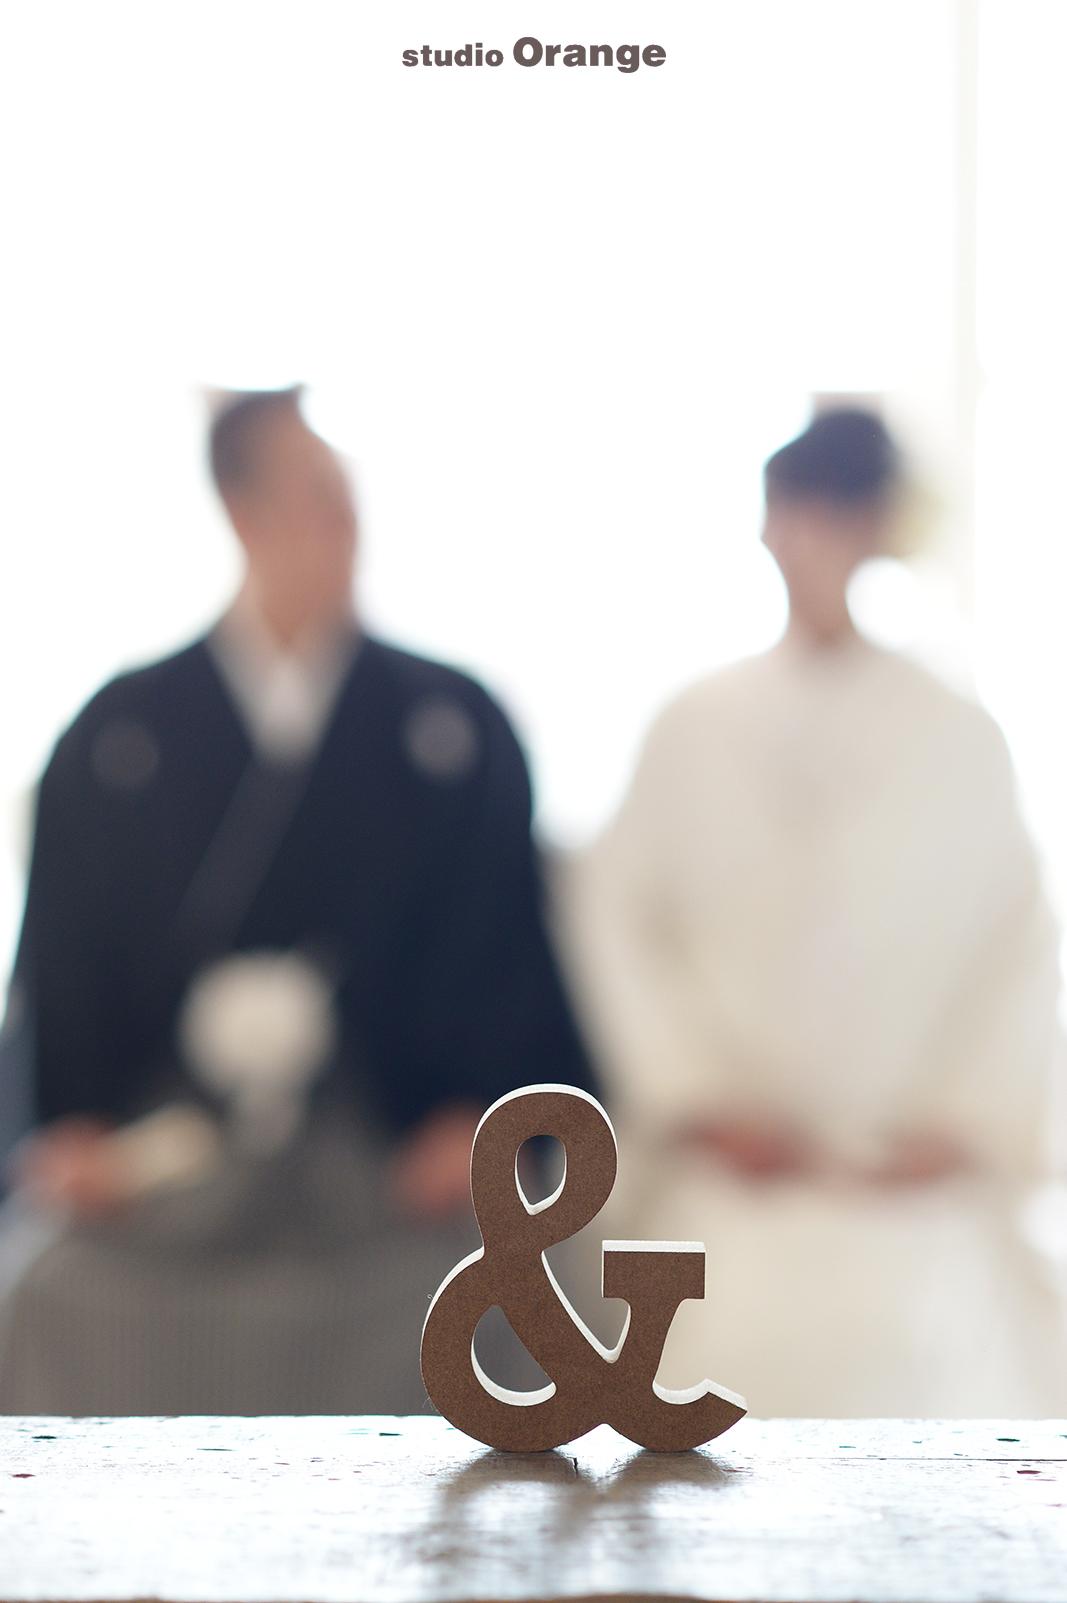 ウェディングフォト イメージカット 写真だけの結婚式 白無垢 前撮り撮影